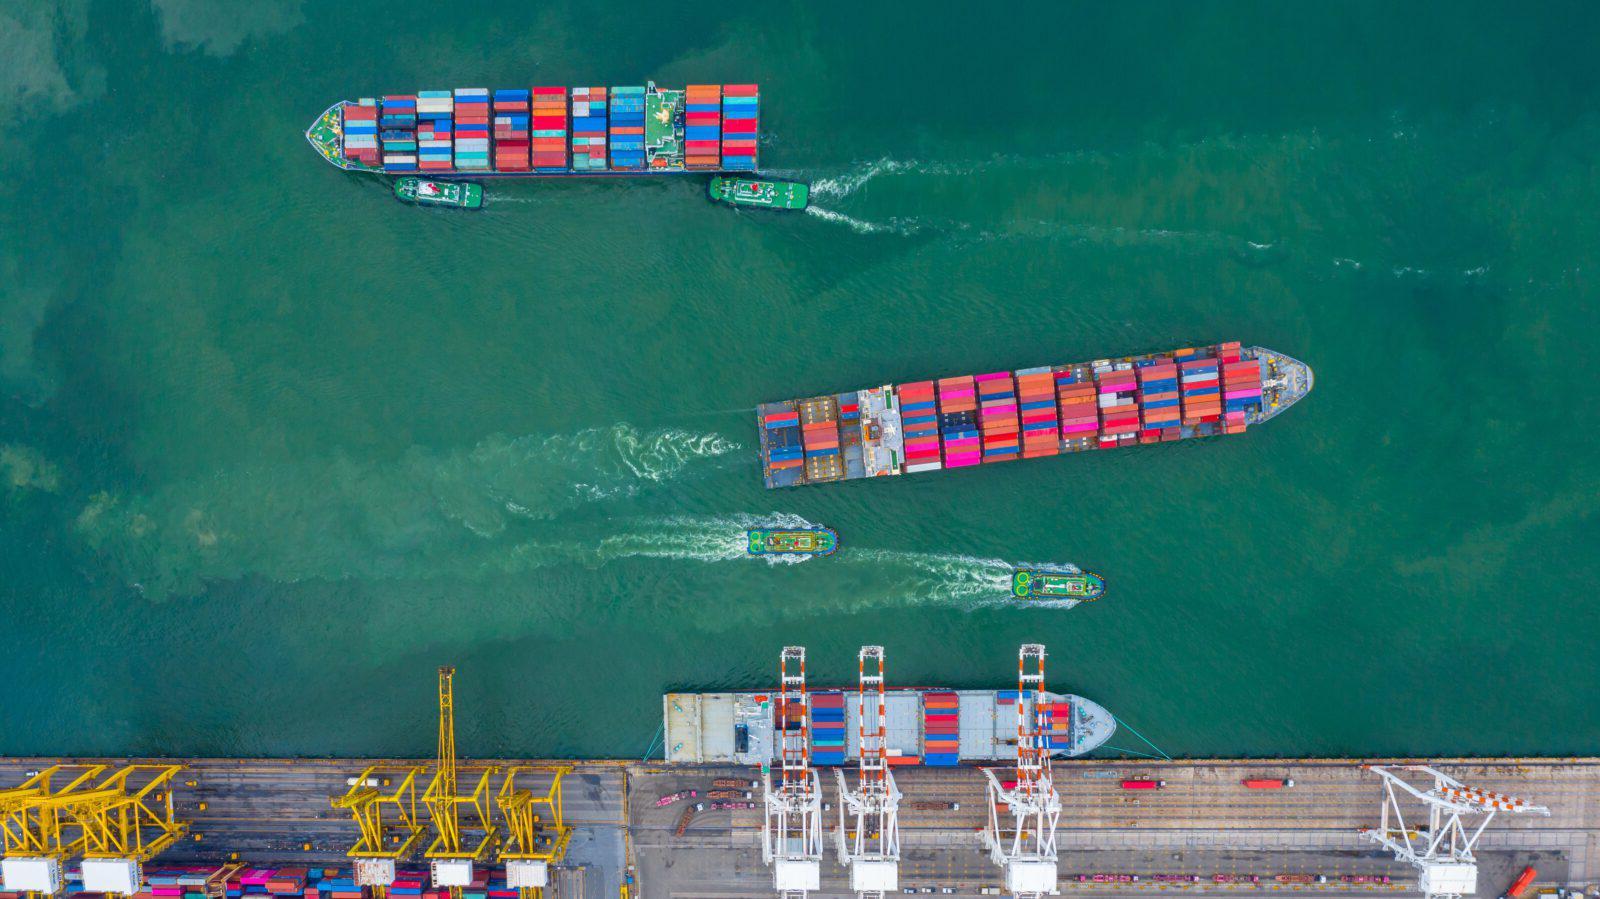 鸟瞰图货船码头, 货船码头卸车起重机, 鸟瞰图工业港口与集装箱和集装箱船.